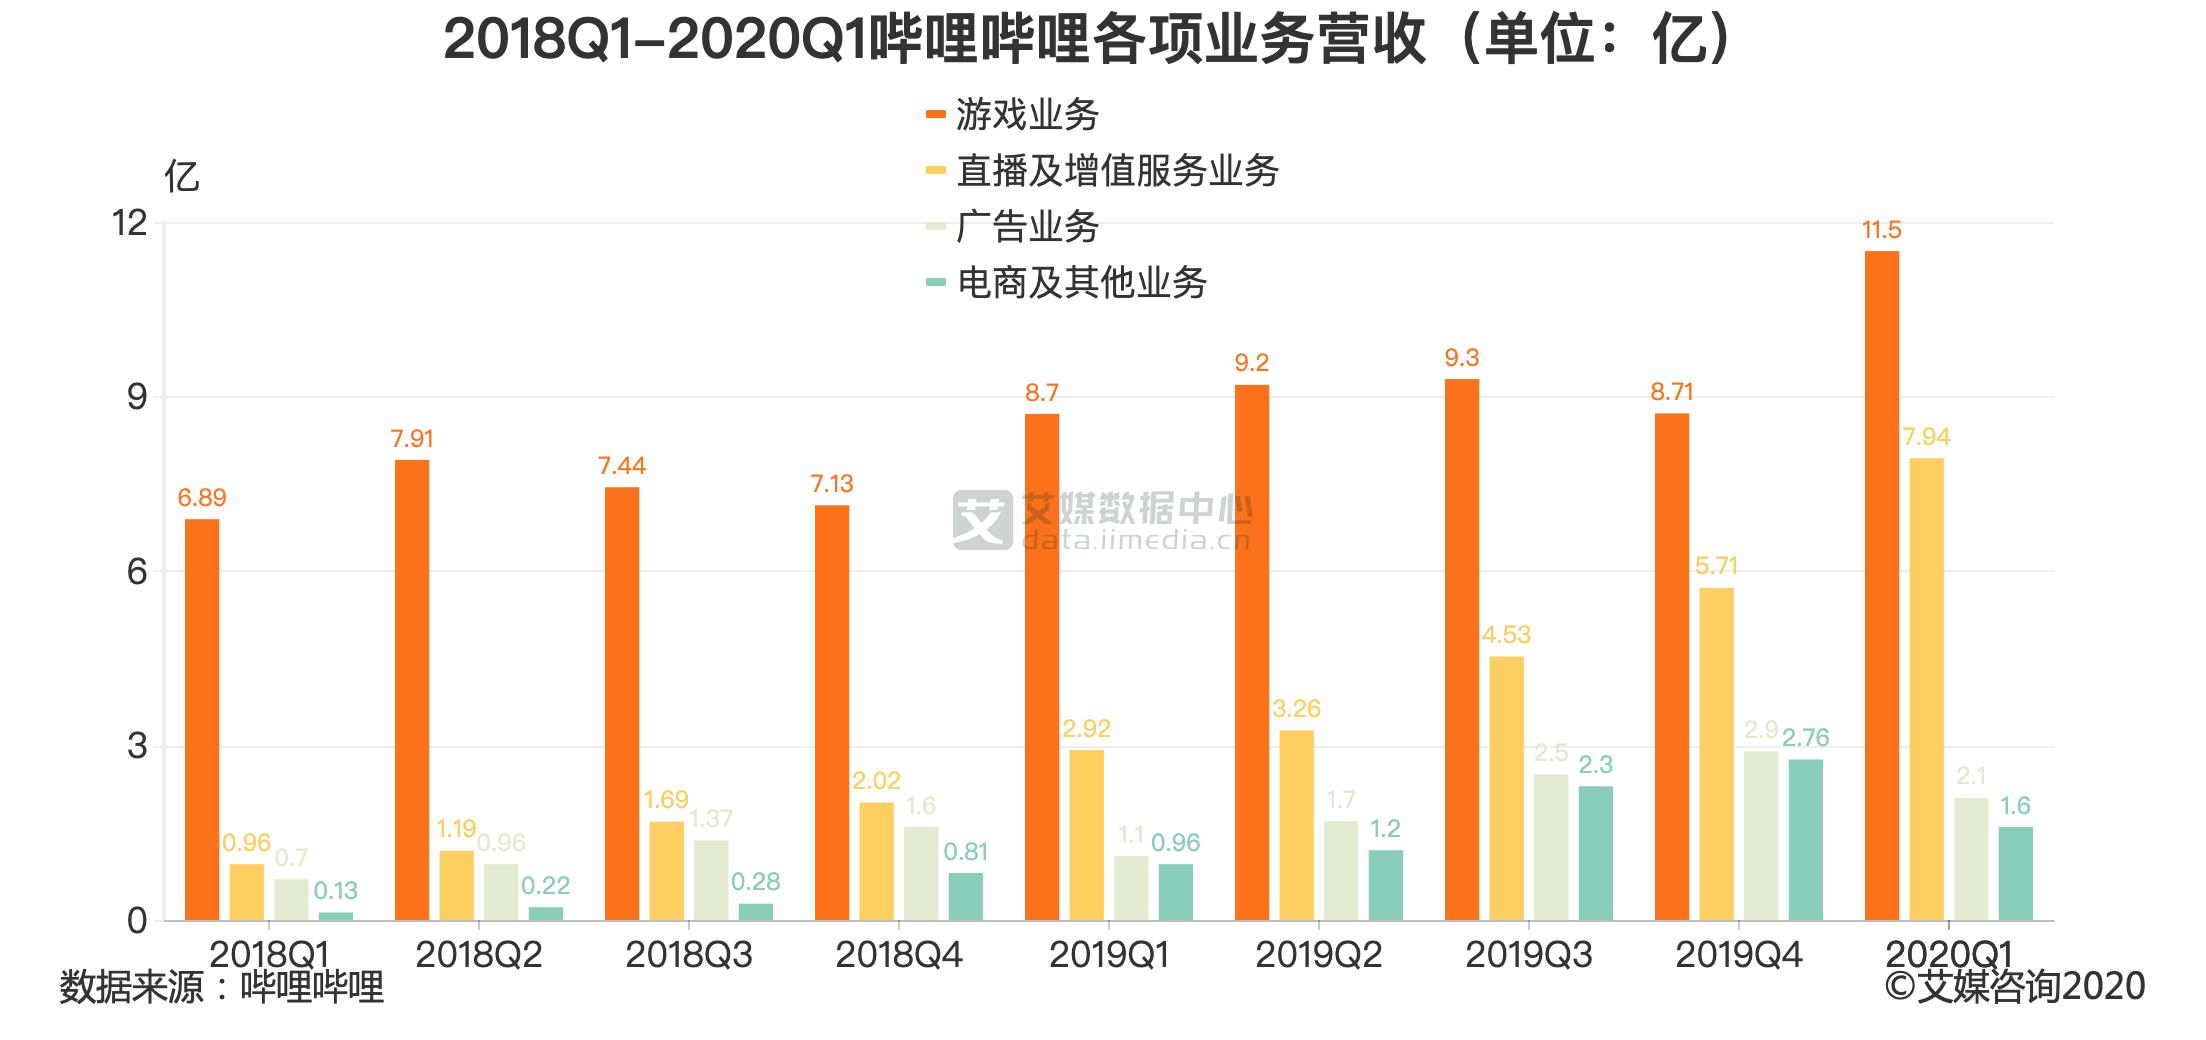 2018Q1-2020Q1哔哩哔哩各项业务营收(单位:亿)